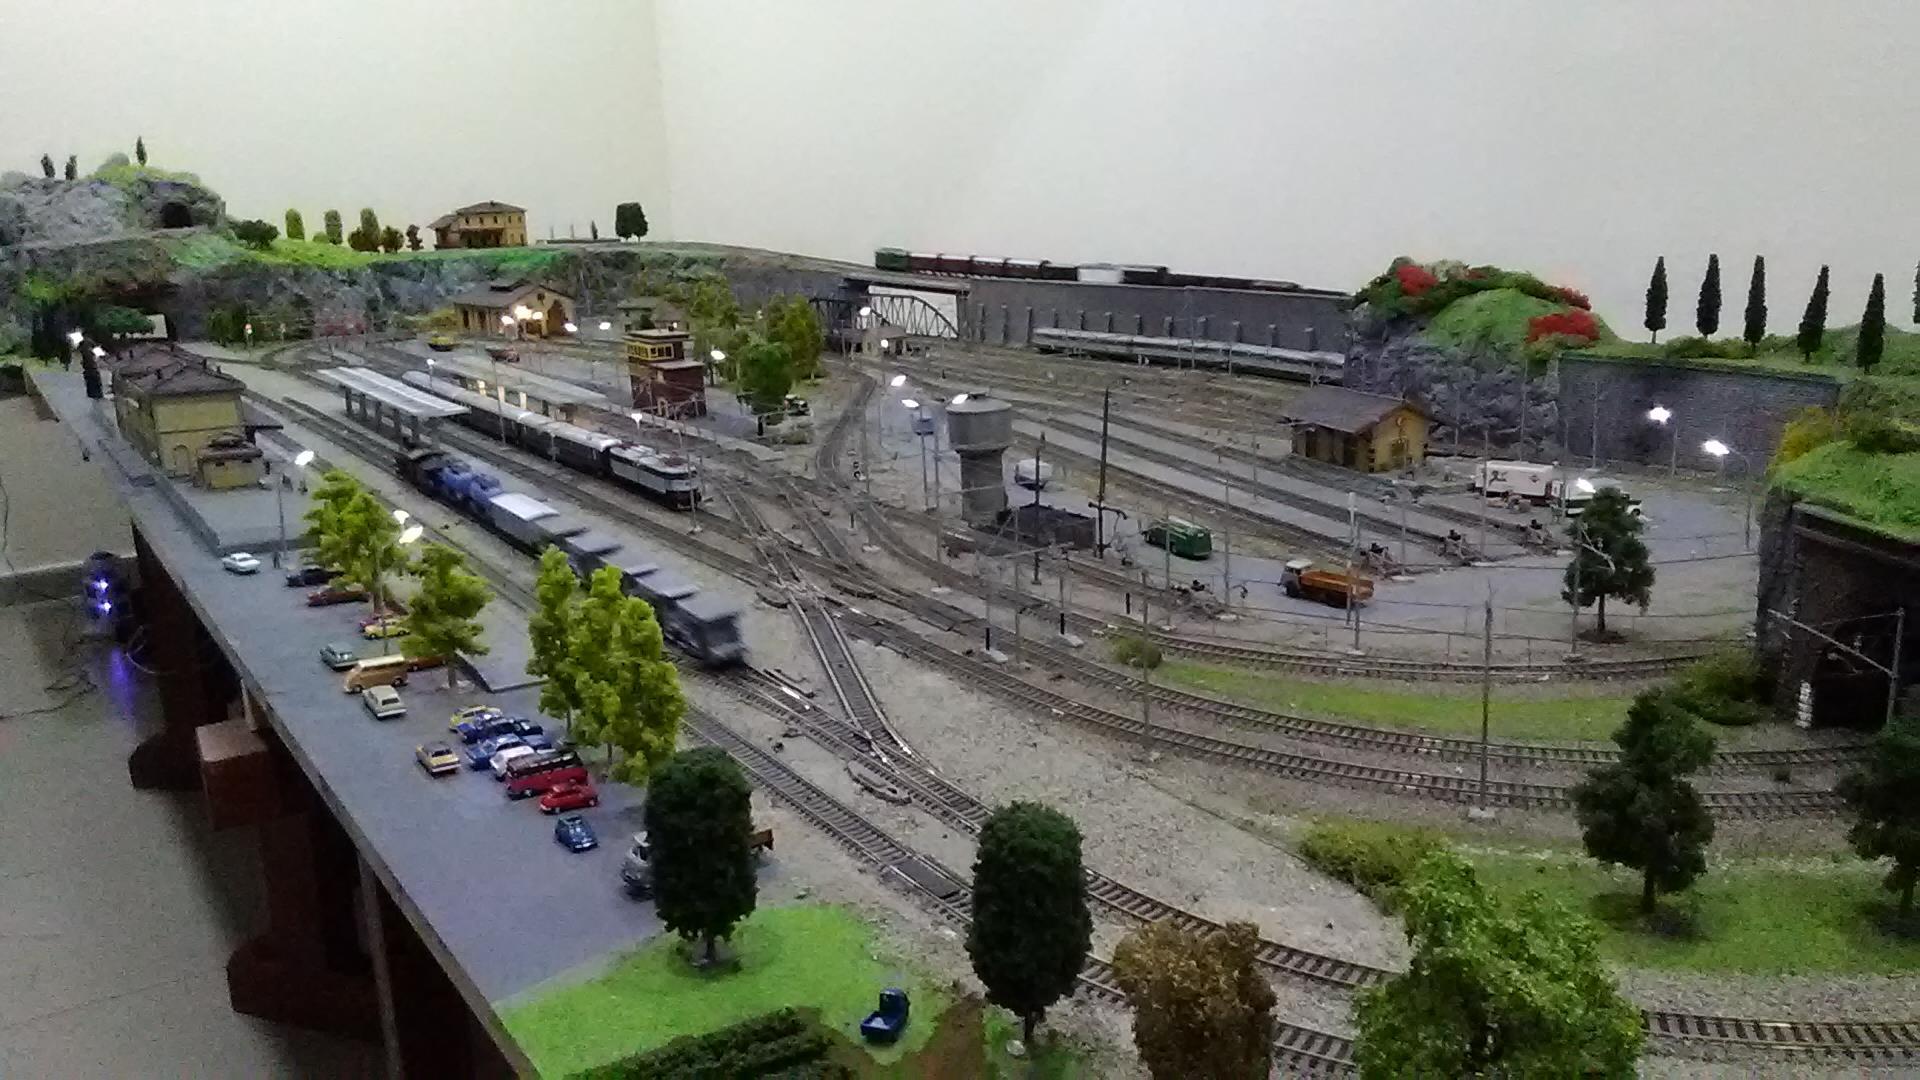 Schema Elettrico Per Plastico Ferroviario : Progetto comando e segnalazioni per scambio modellismo ferroviario